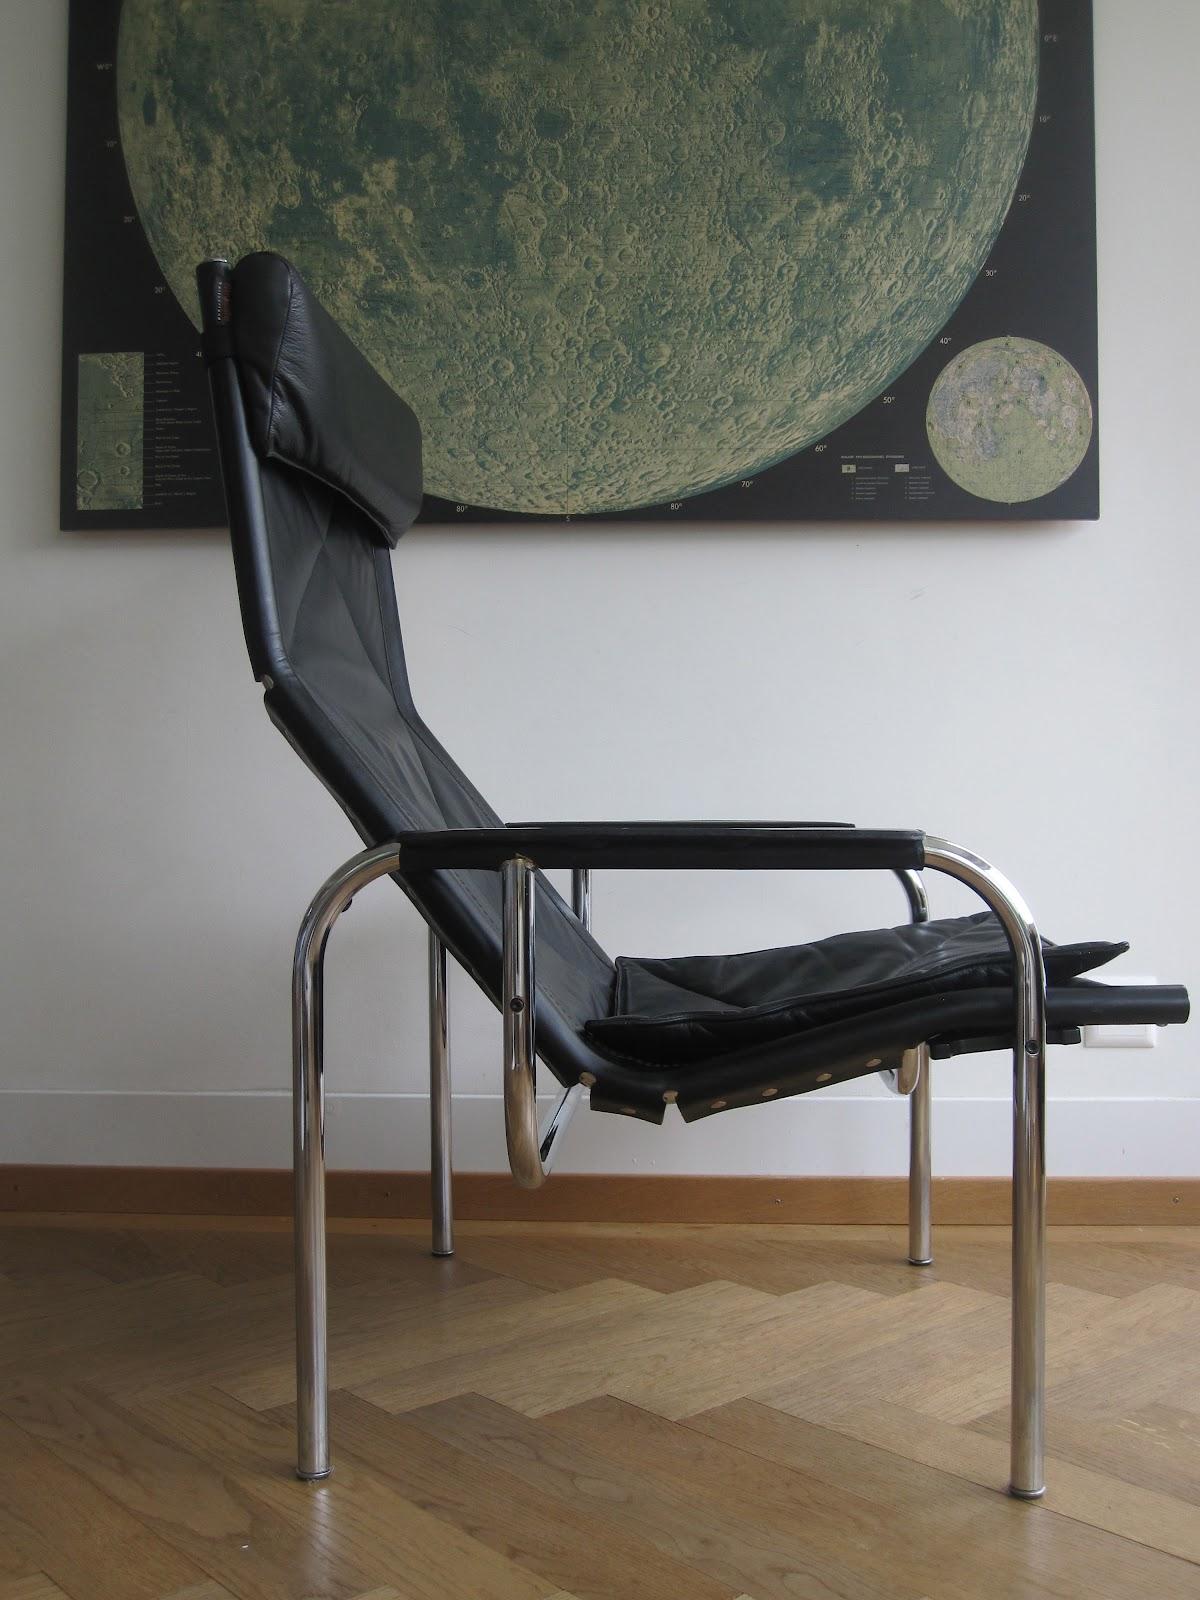 eichenberger hochlehner sessel schwarz patinam bel. Black Bedroom Furniture Sets. Home Design Ideas